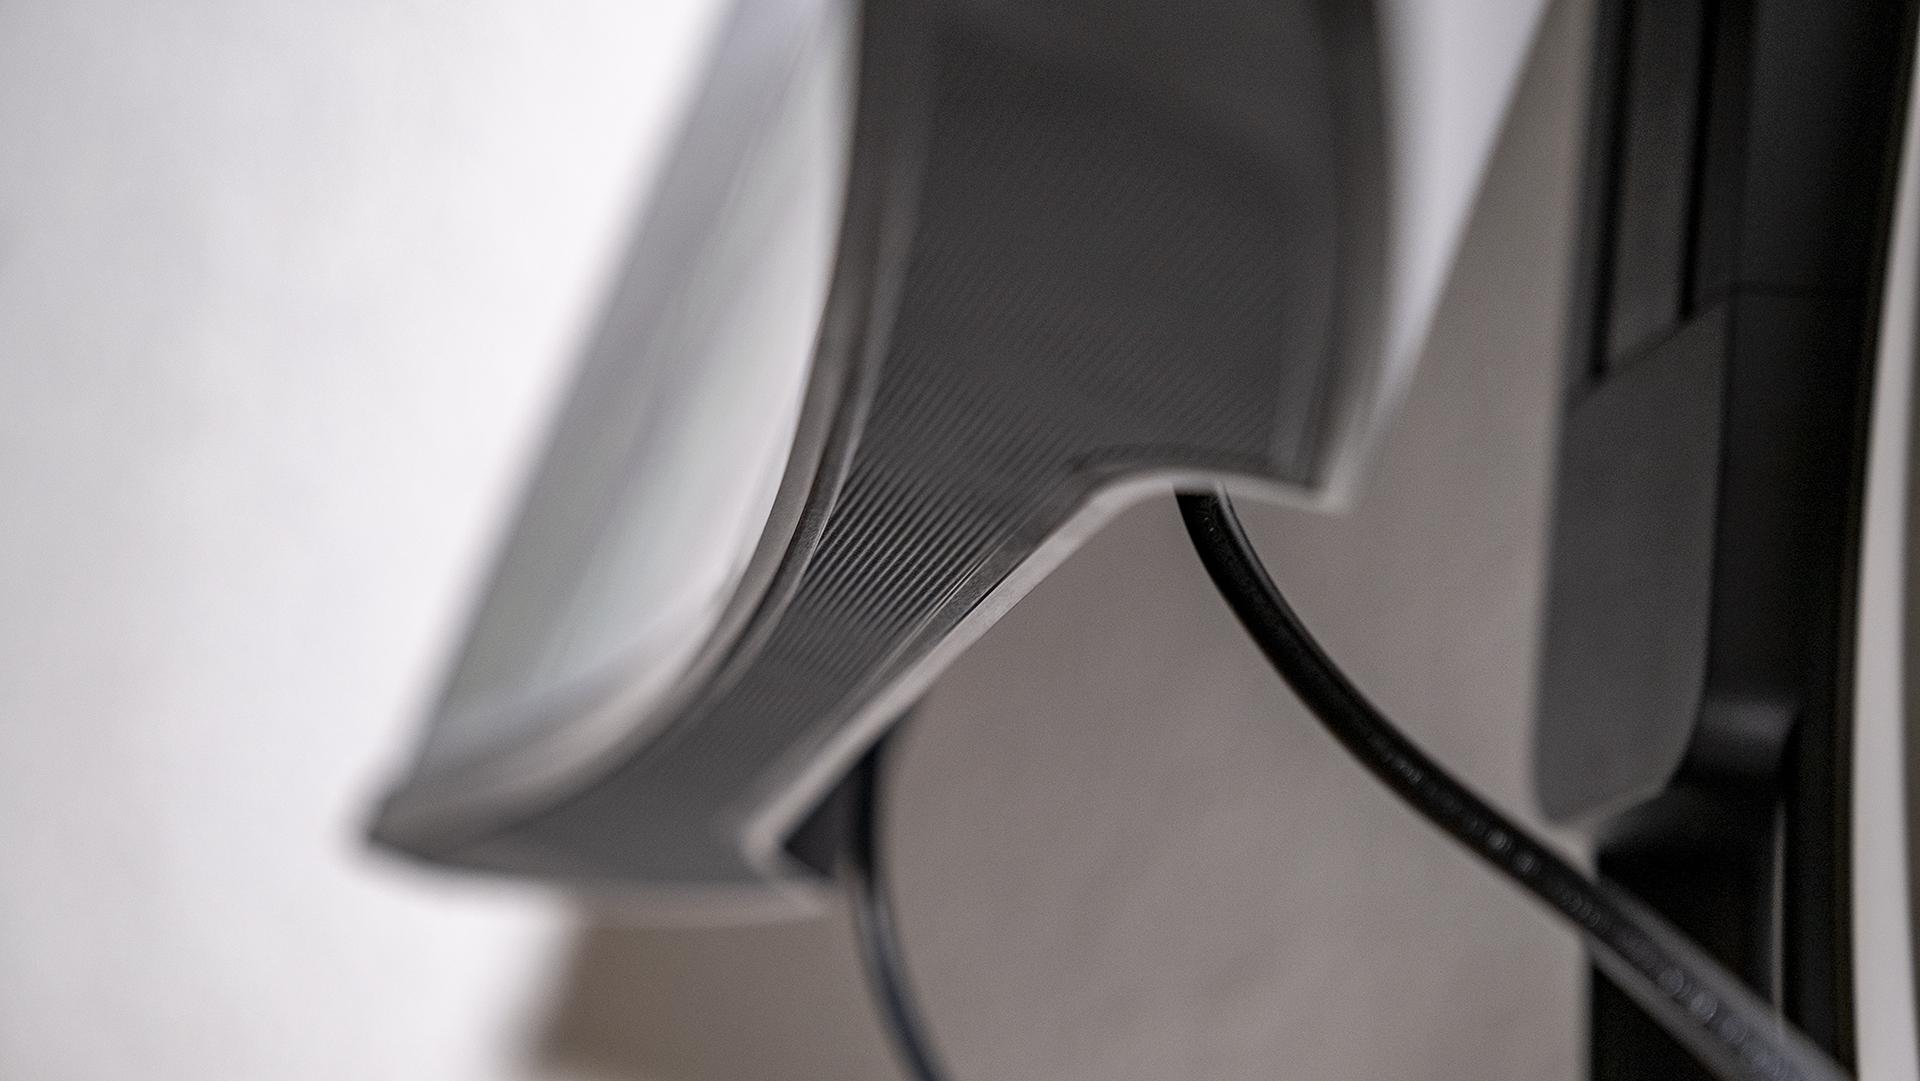 ViewSonic VP3481 ColorPro Monitor Lautsprecher Unterseite